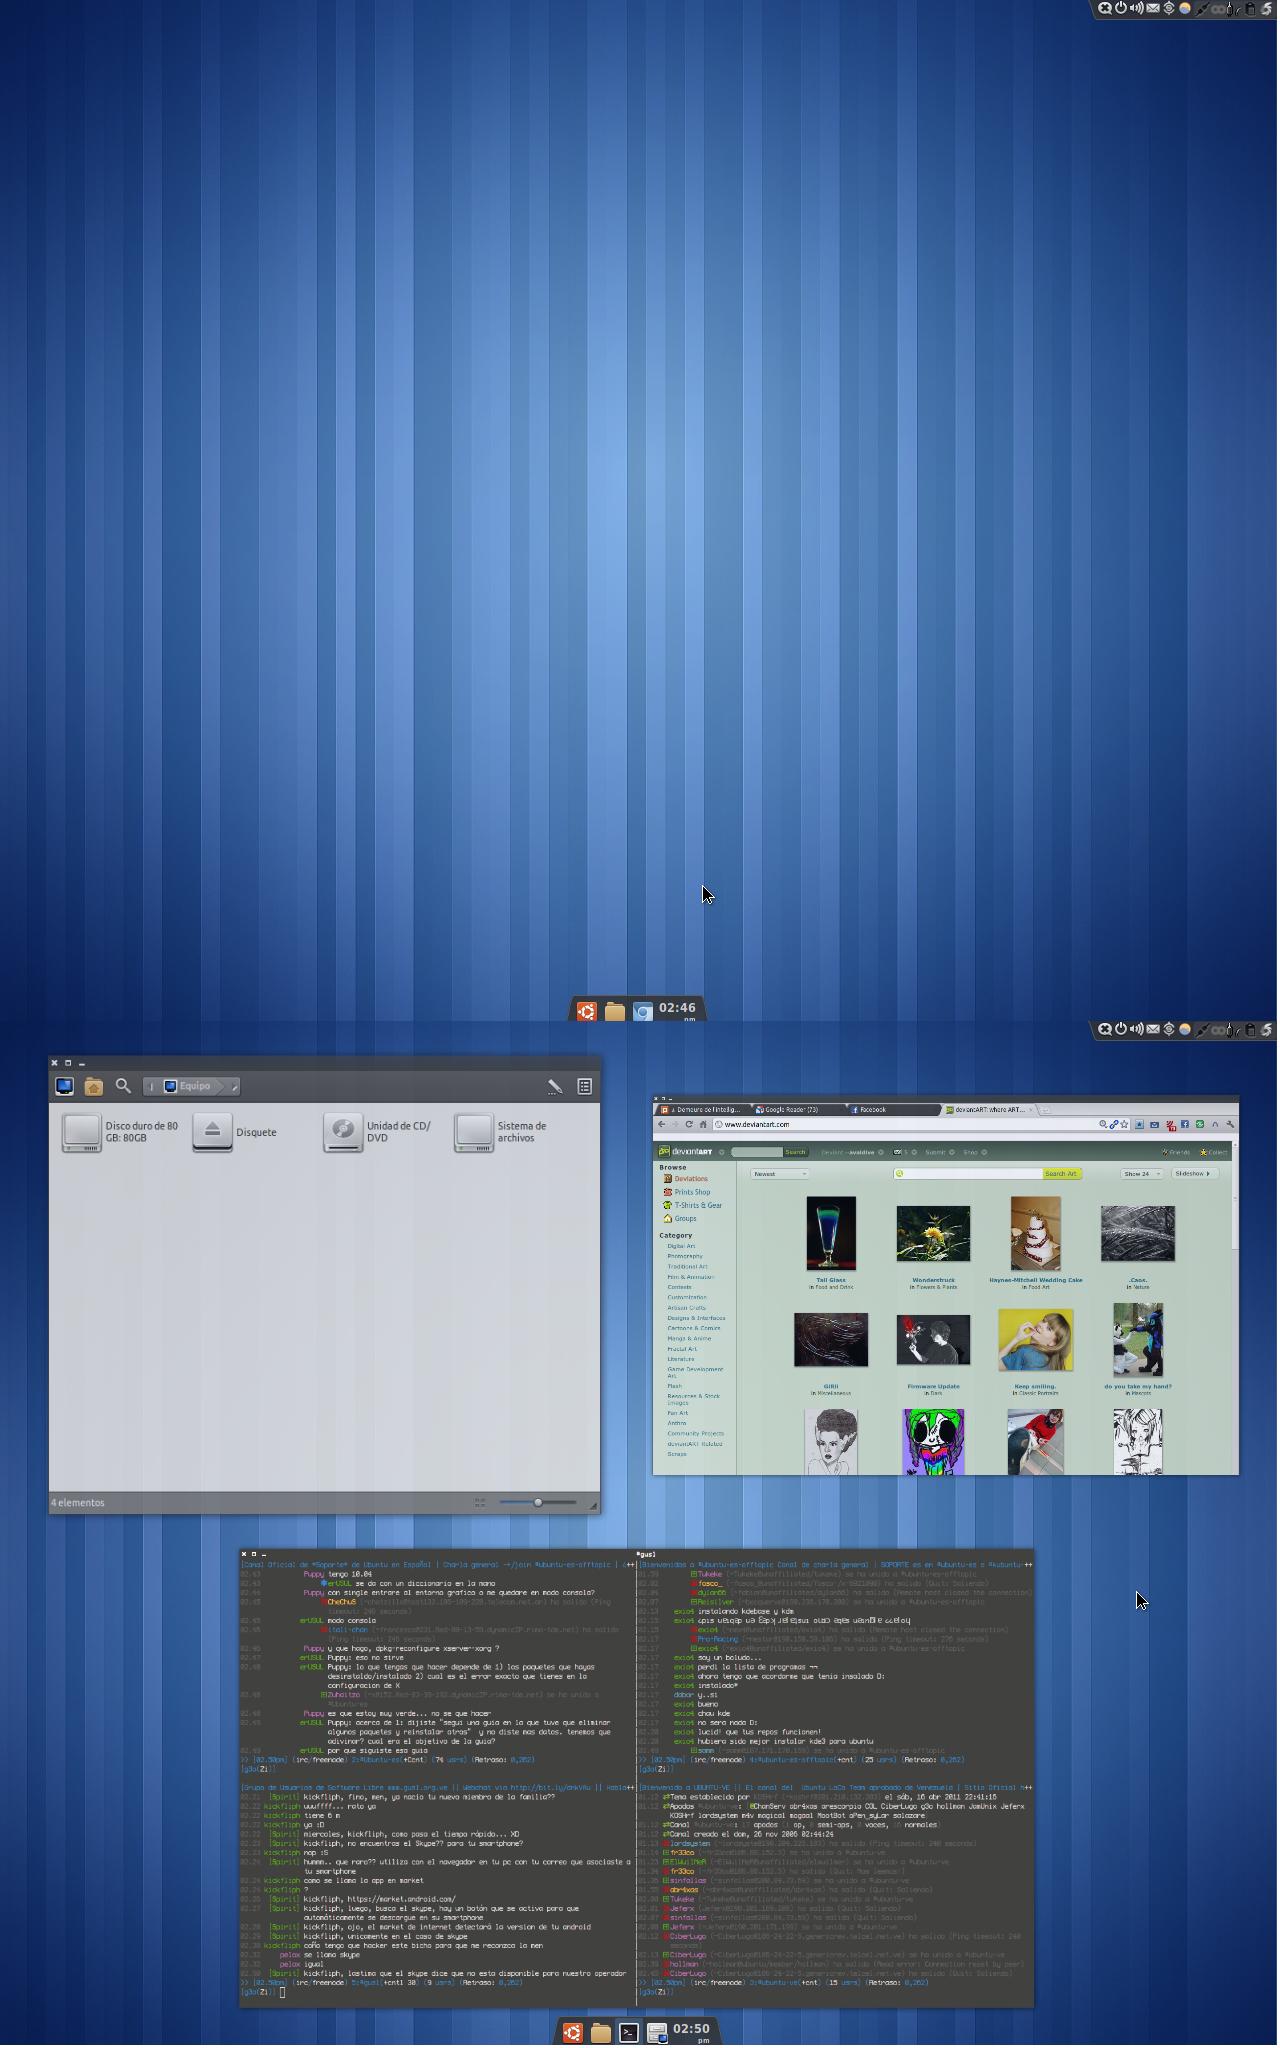 My desktop April - 2011 by avaldive